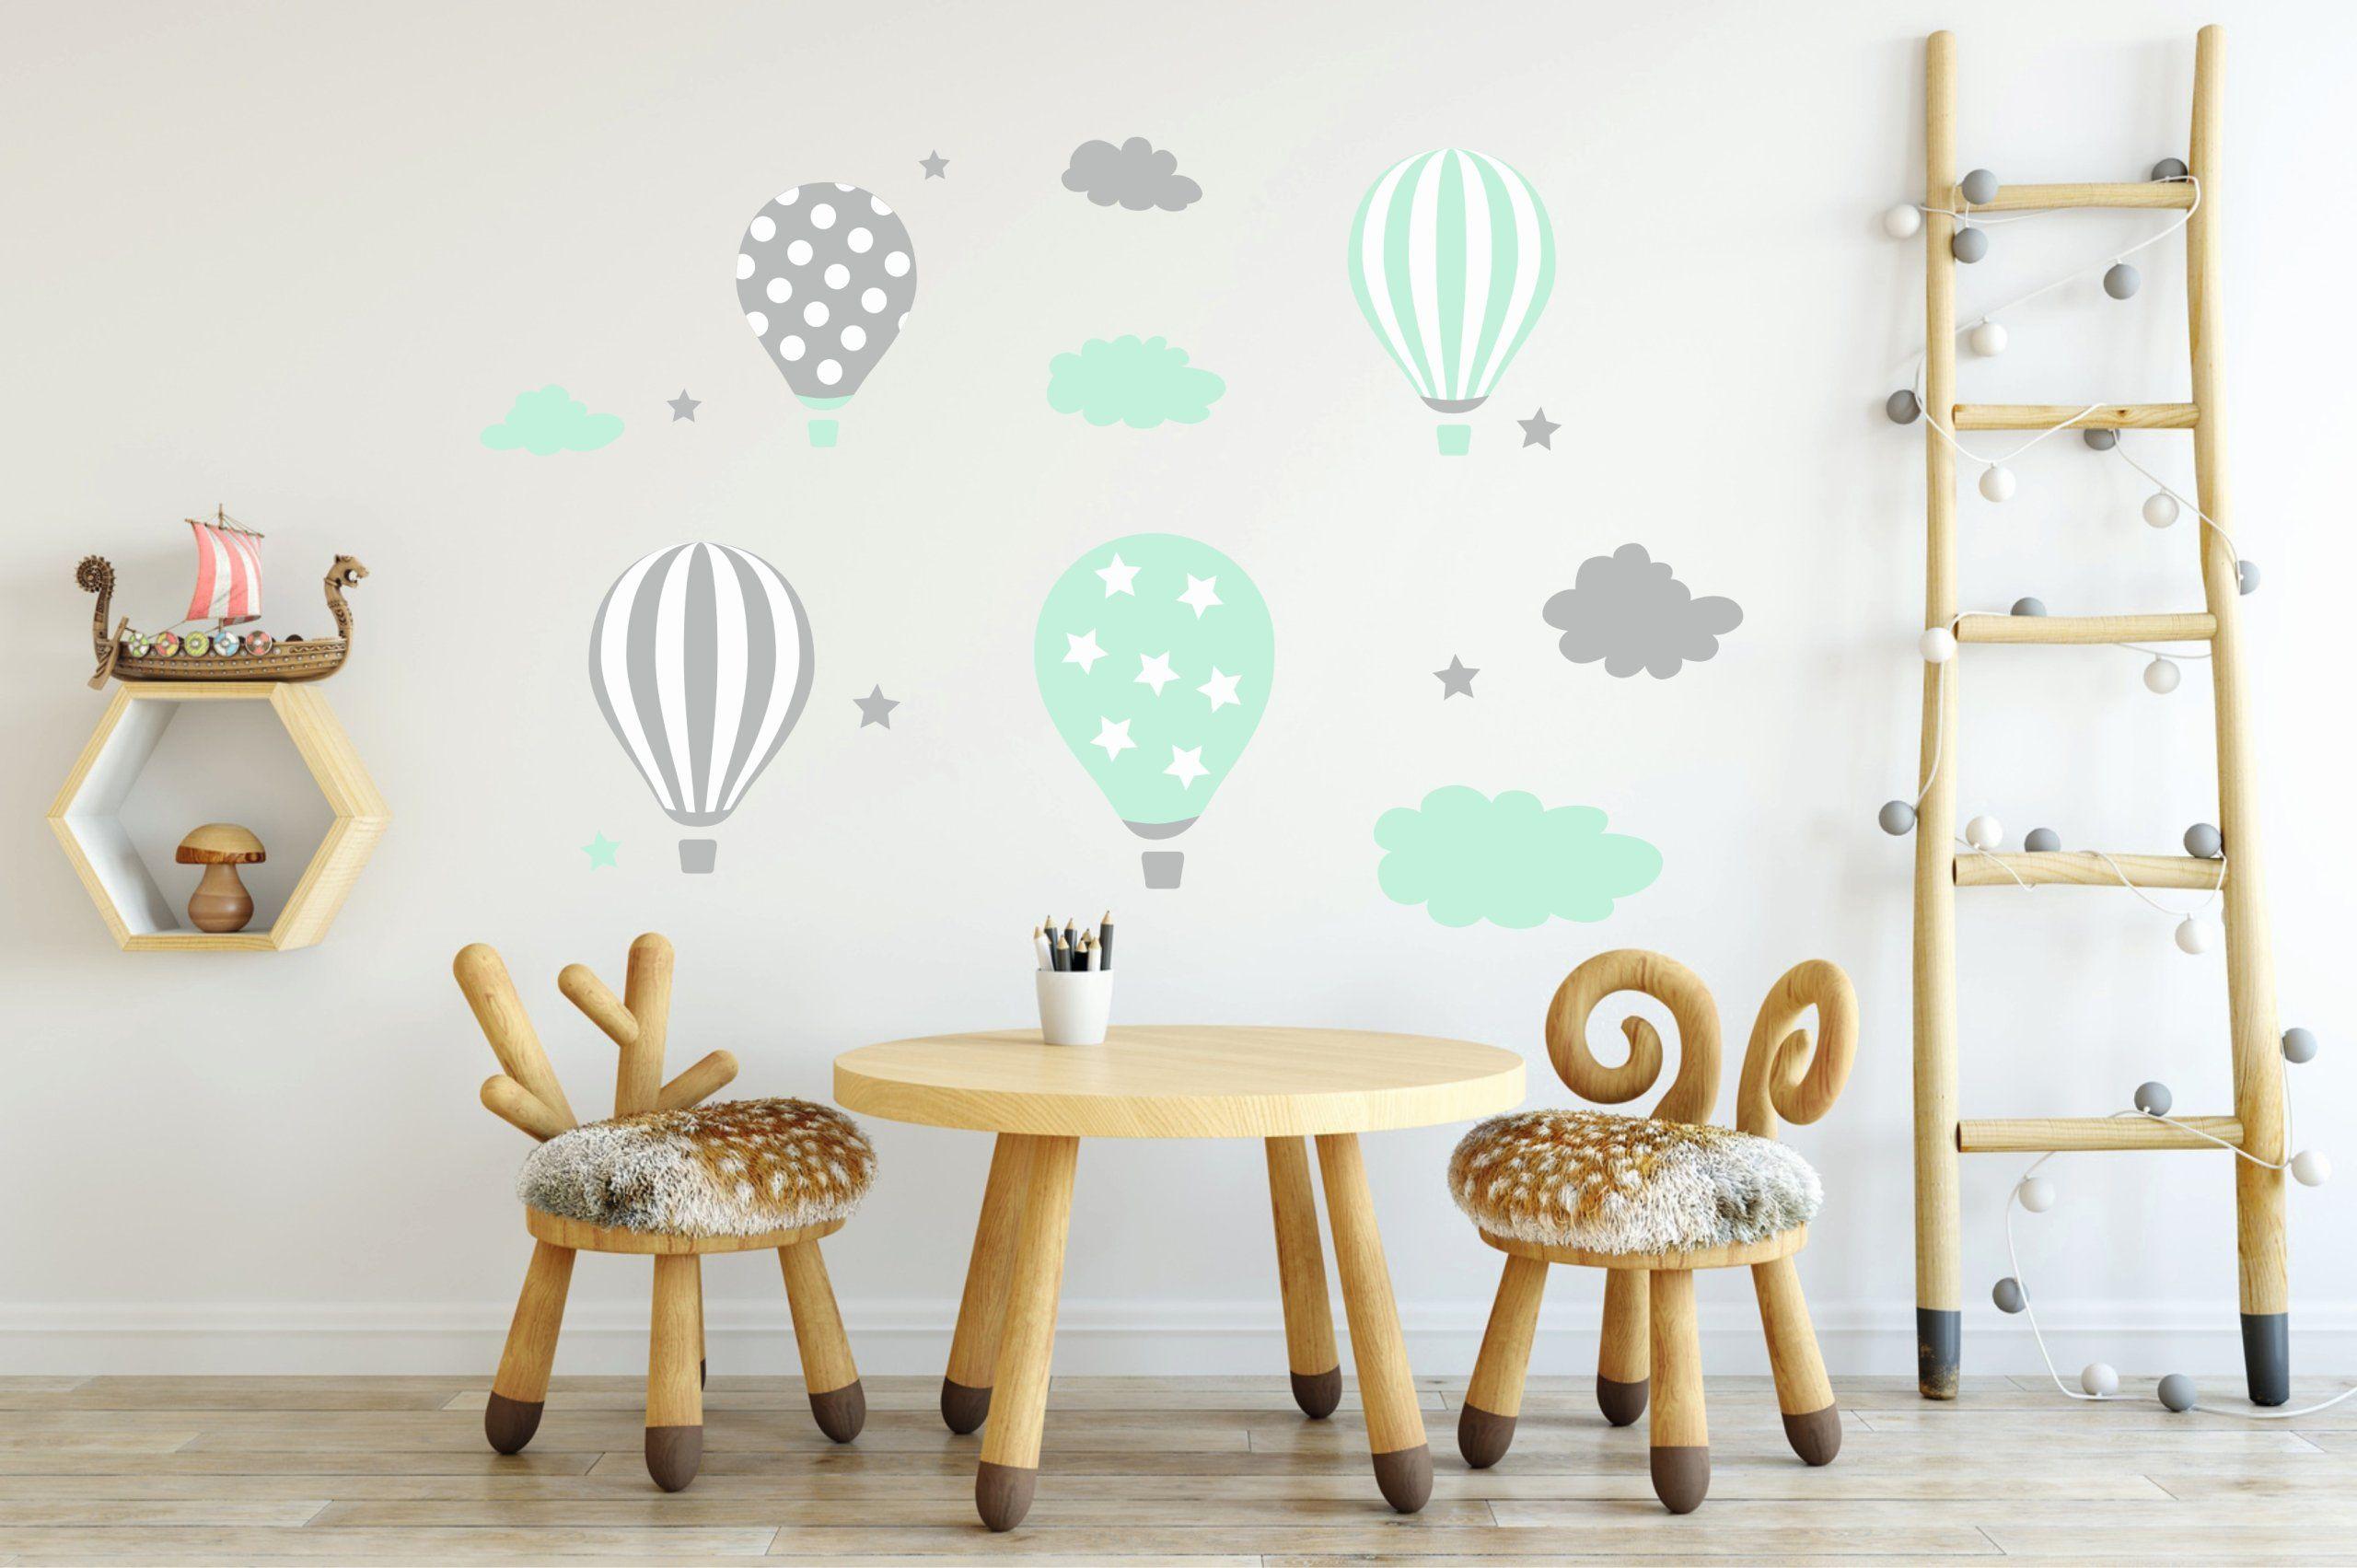 Naklejki Na Sciane Scienne Dla Dzieci Balony Balon Baby Wall Decals Nursery Room Decor Girl Wall Stickers Kids